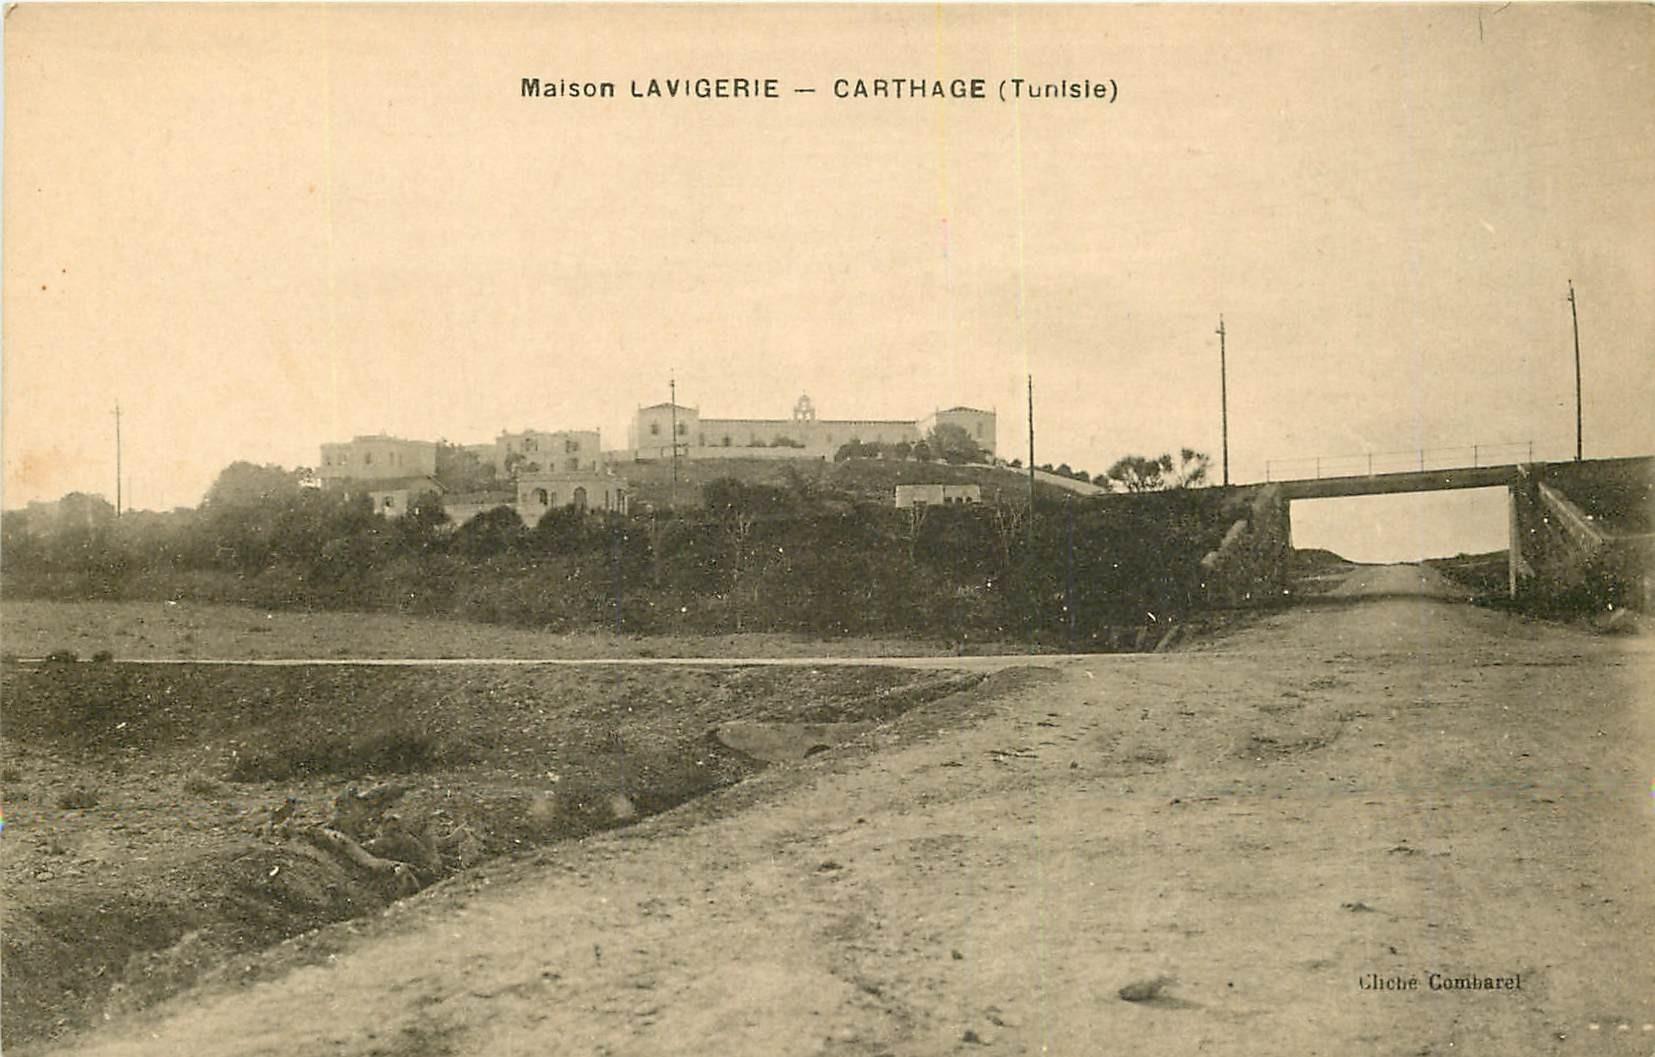 WW CARTHAGE. Maison Lavignerie en Tunisie